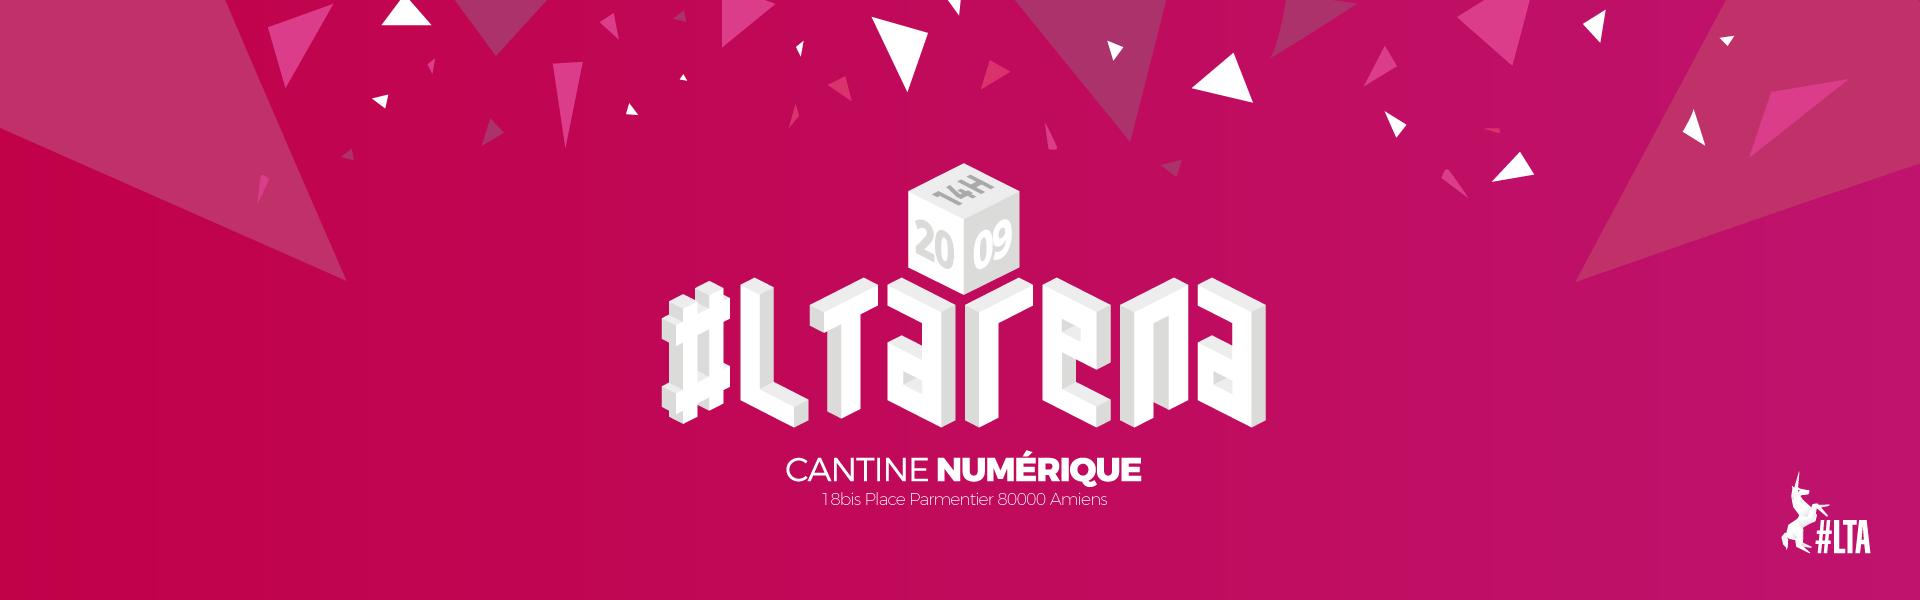 #LTArena : Kermesse Numérique